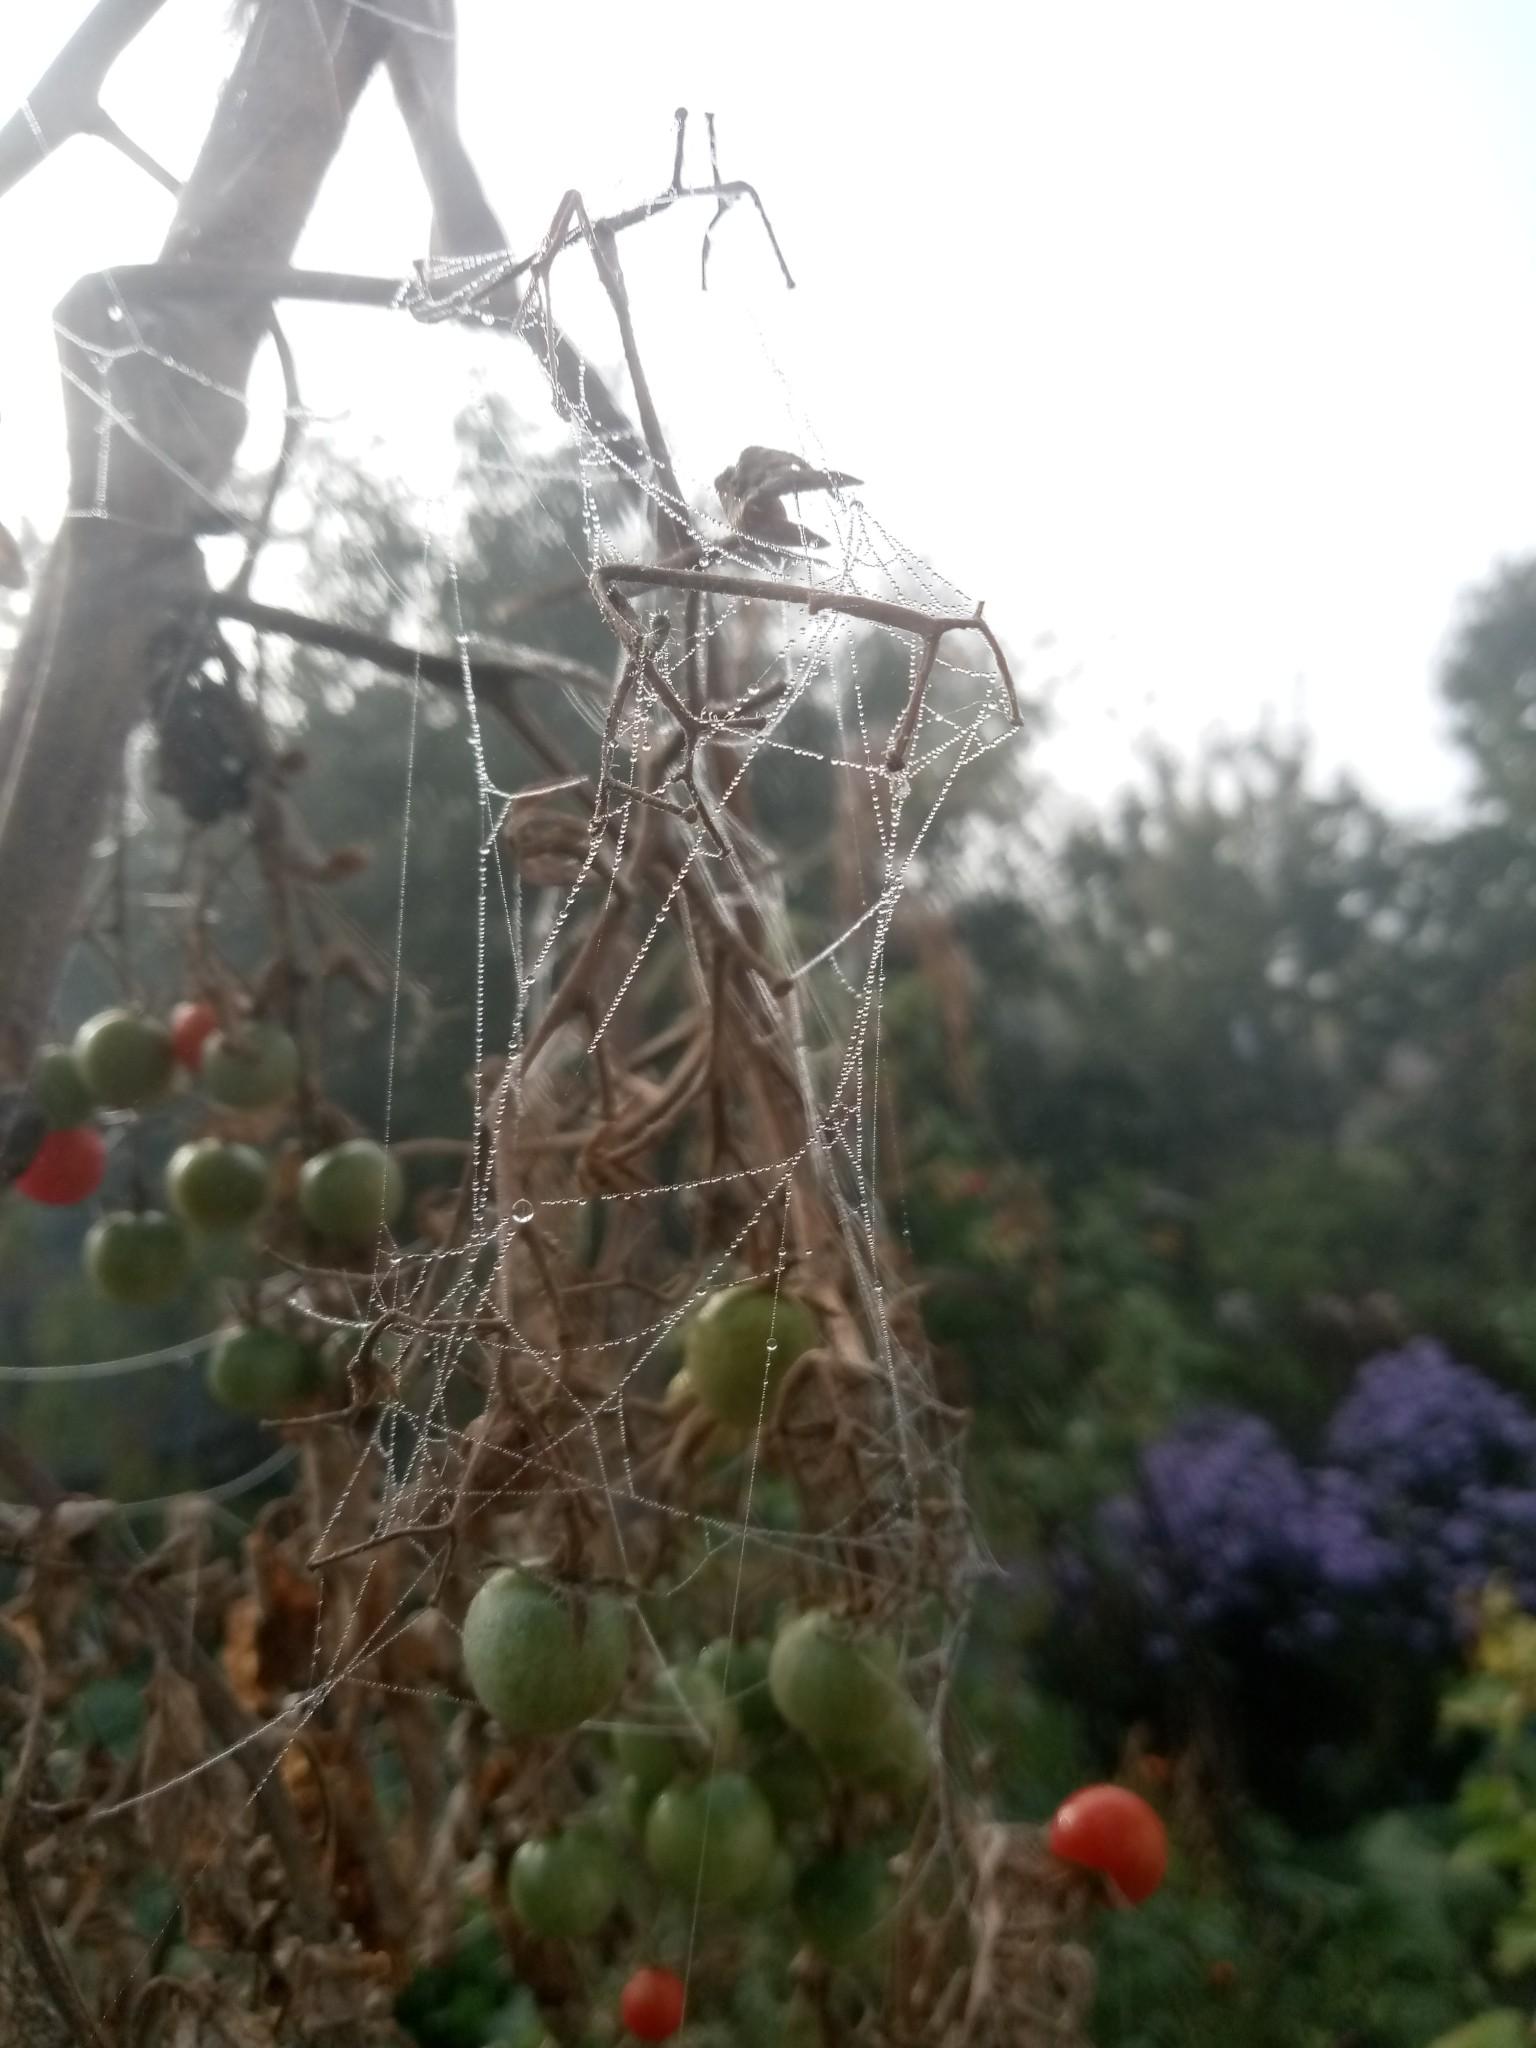 Spider web photo 1